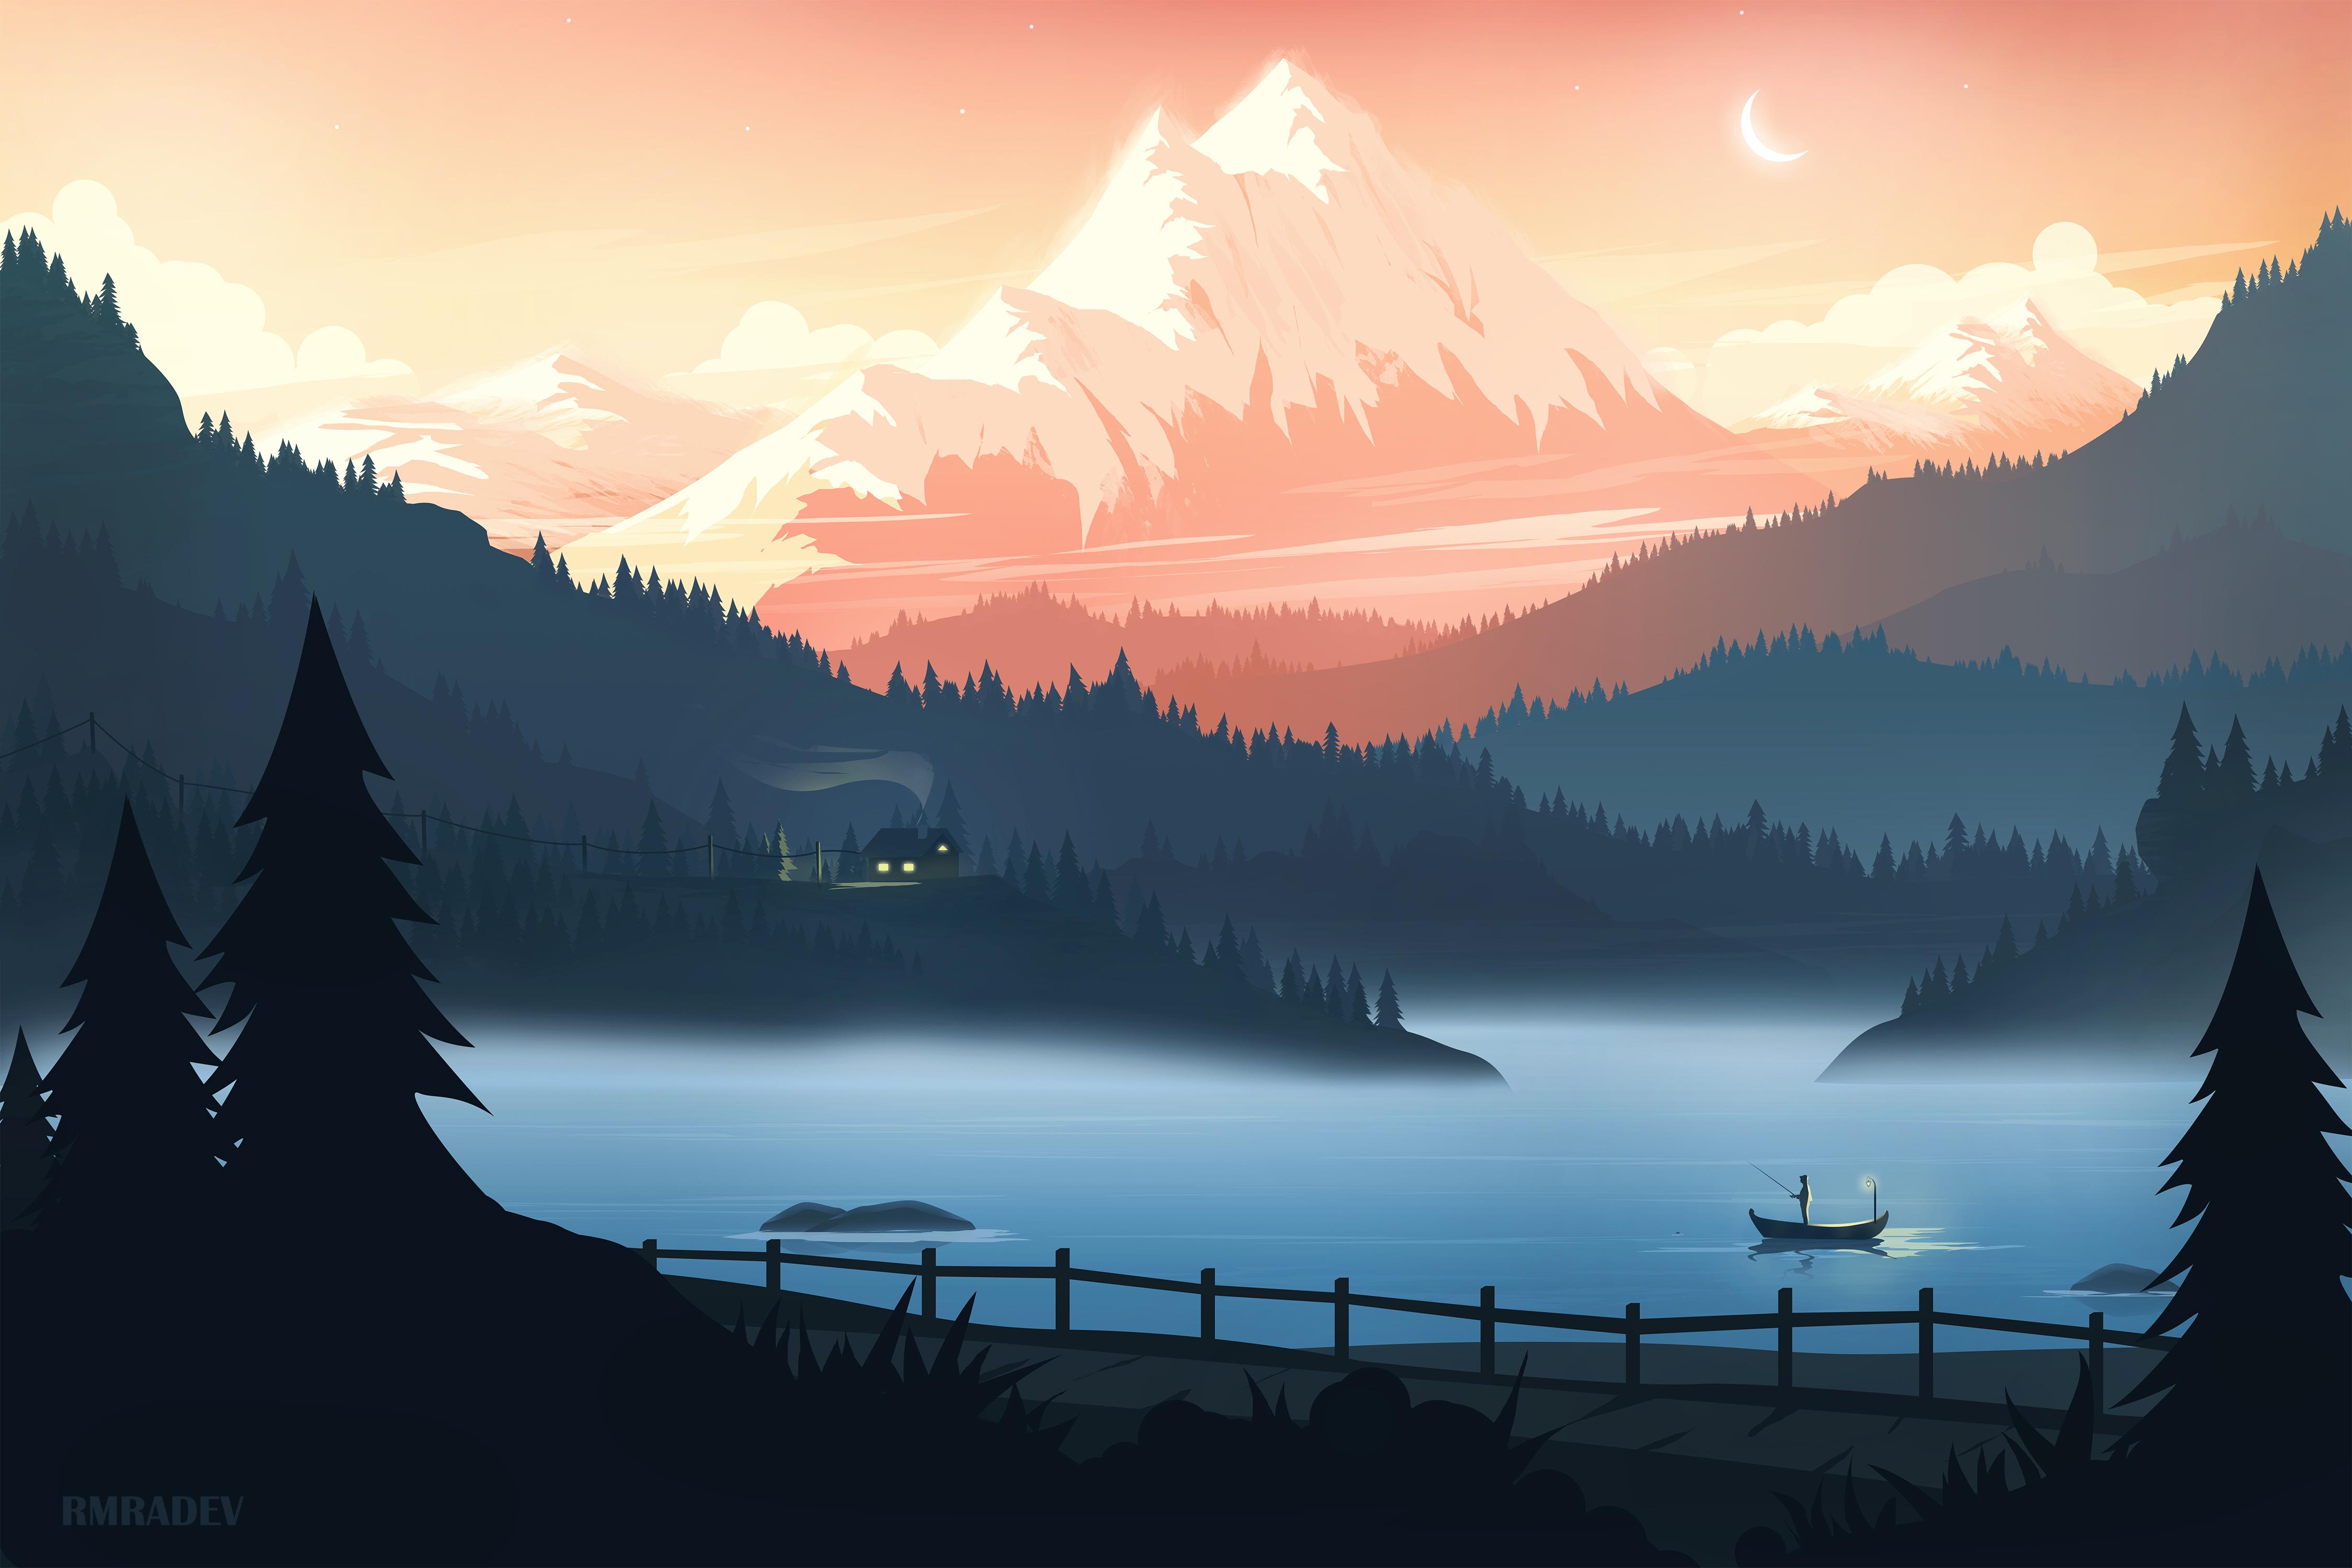 General 4500x3000 mountain top lake landscape 4K CG watermarked rmRadev